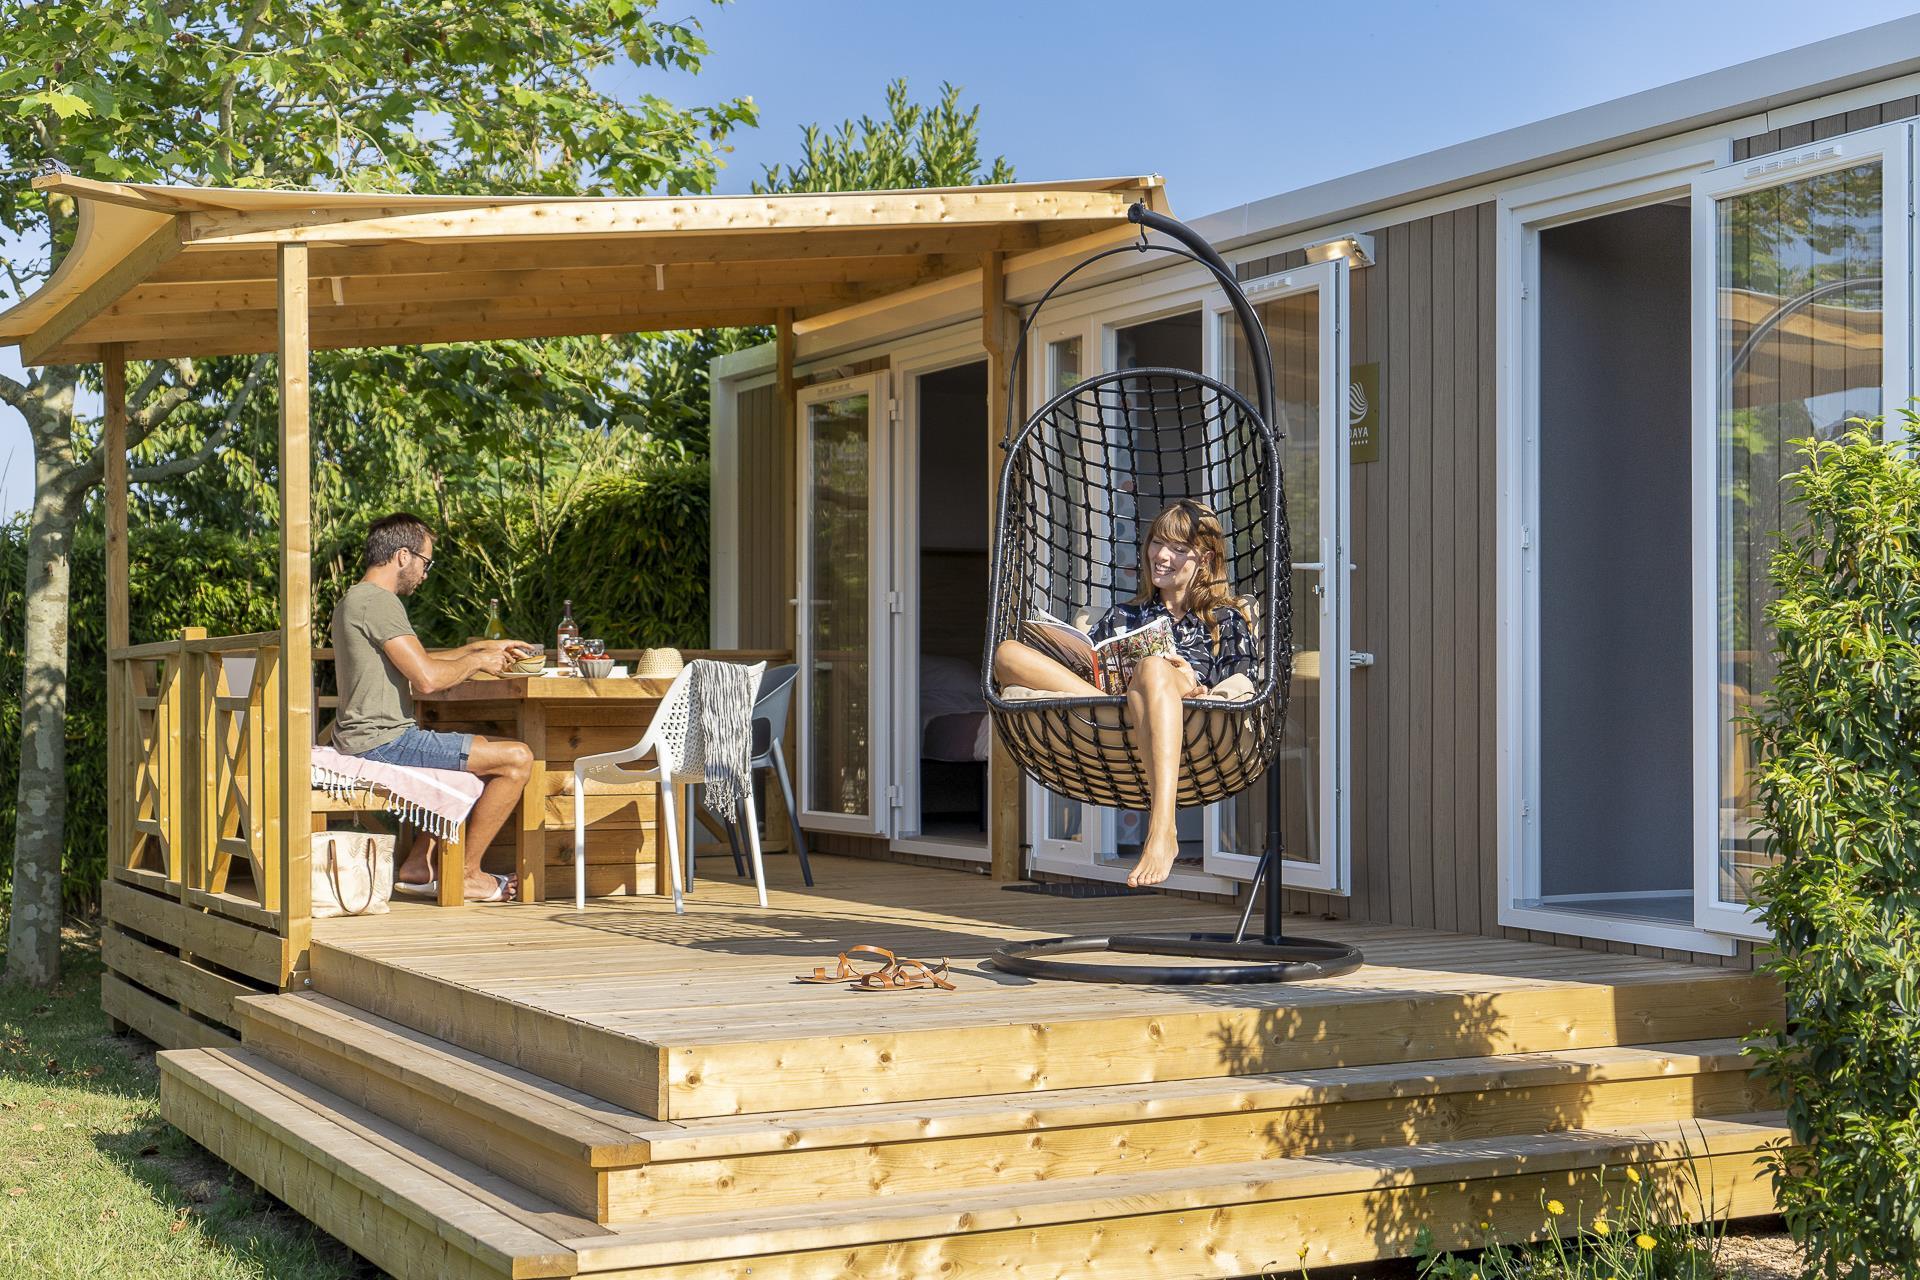 Camping Sandaya la Côte de Nacre, Saint-Aubin-sur-Mer, Calvados